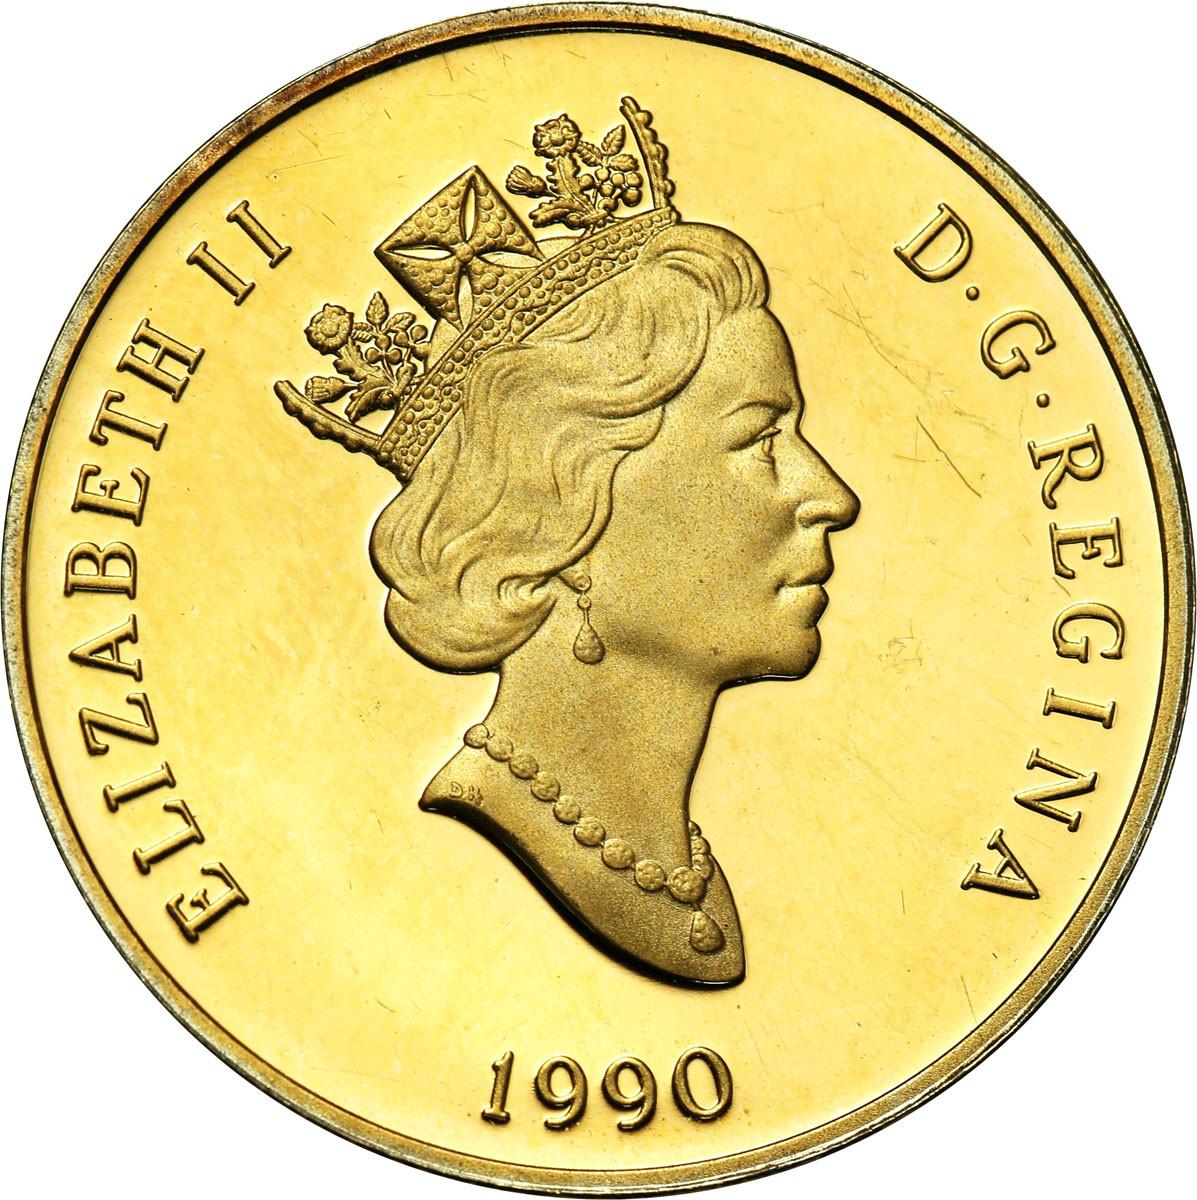 Kanada Elżbieta II 100 dolarów 1990 Dzieci 1/4 uncji złota st. L-